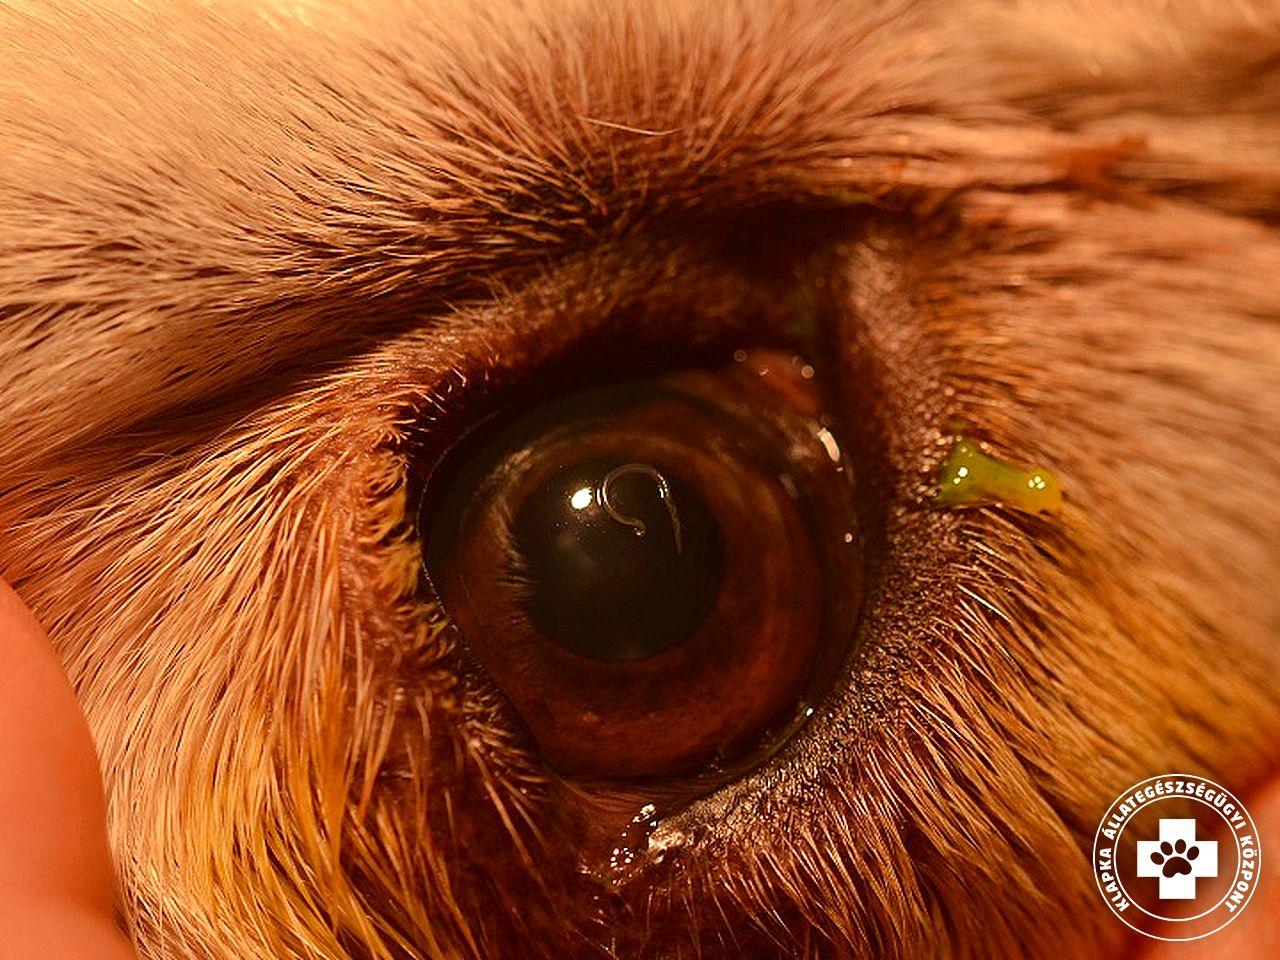 Állatkert orvos féregtabletta vélemények. Tünetek és a szalagféreg kezelése az emberekben